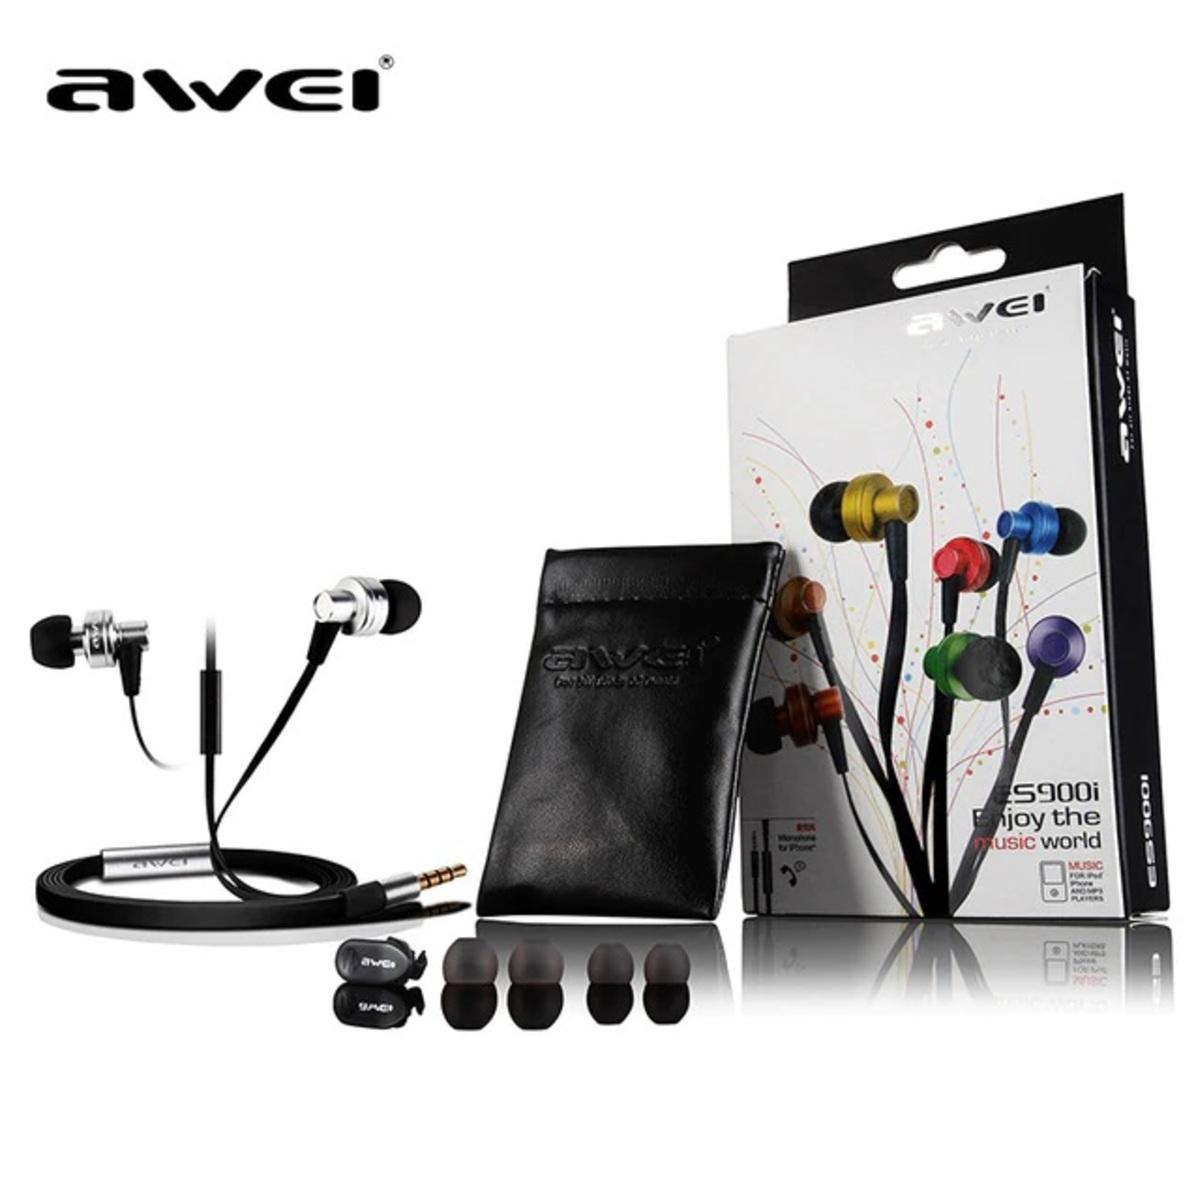 (ES-900I) 入耳式有線立體聲耳機- 黑色